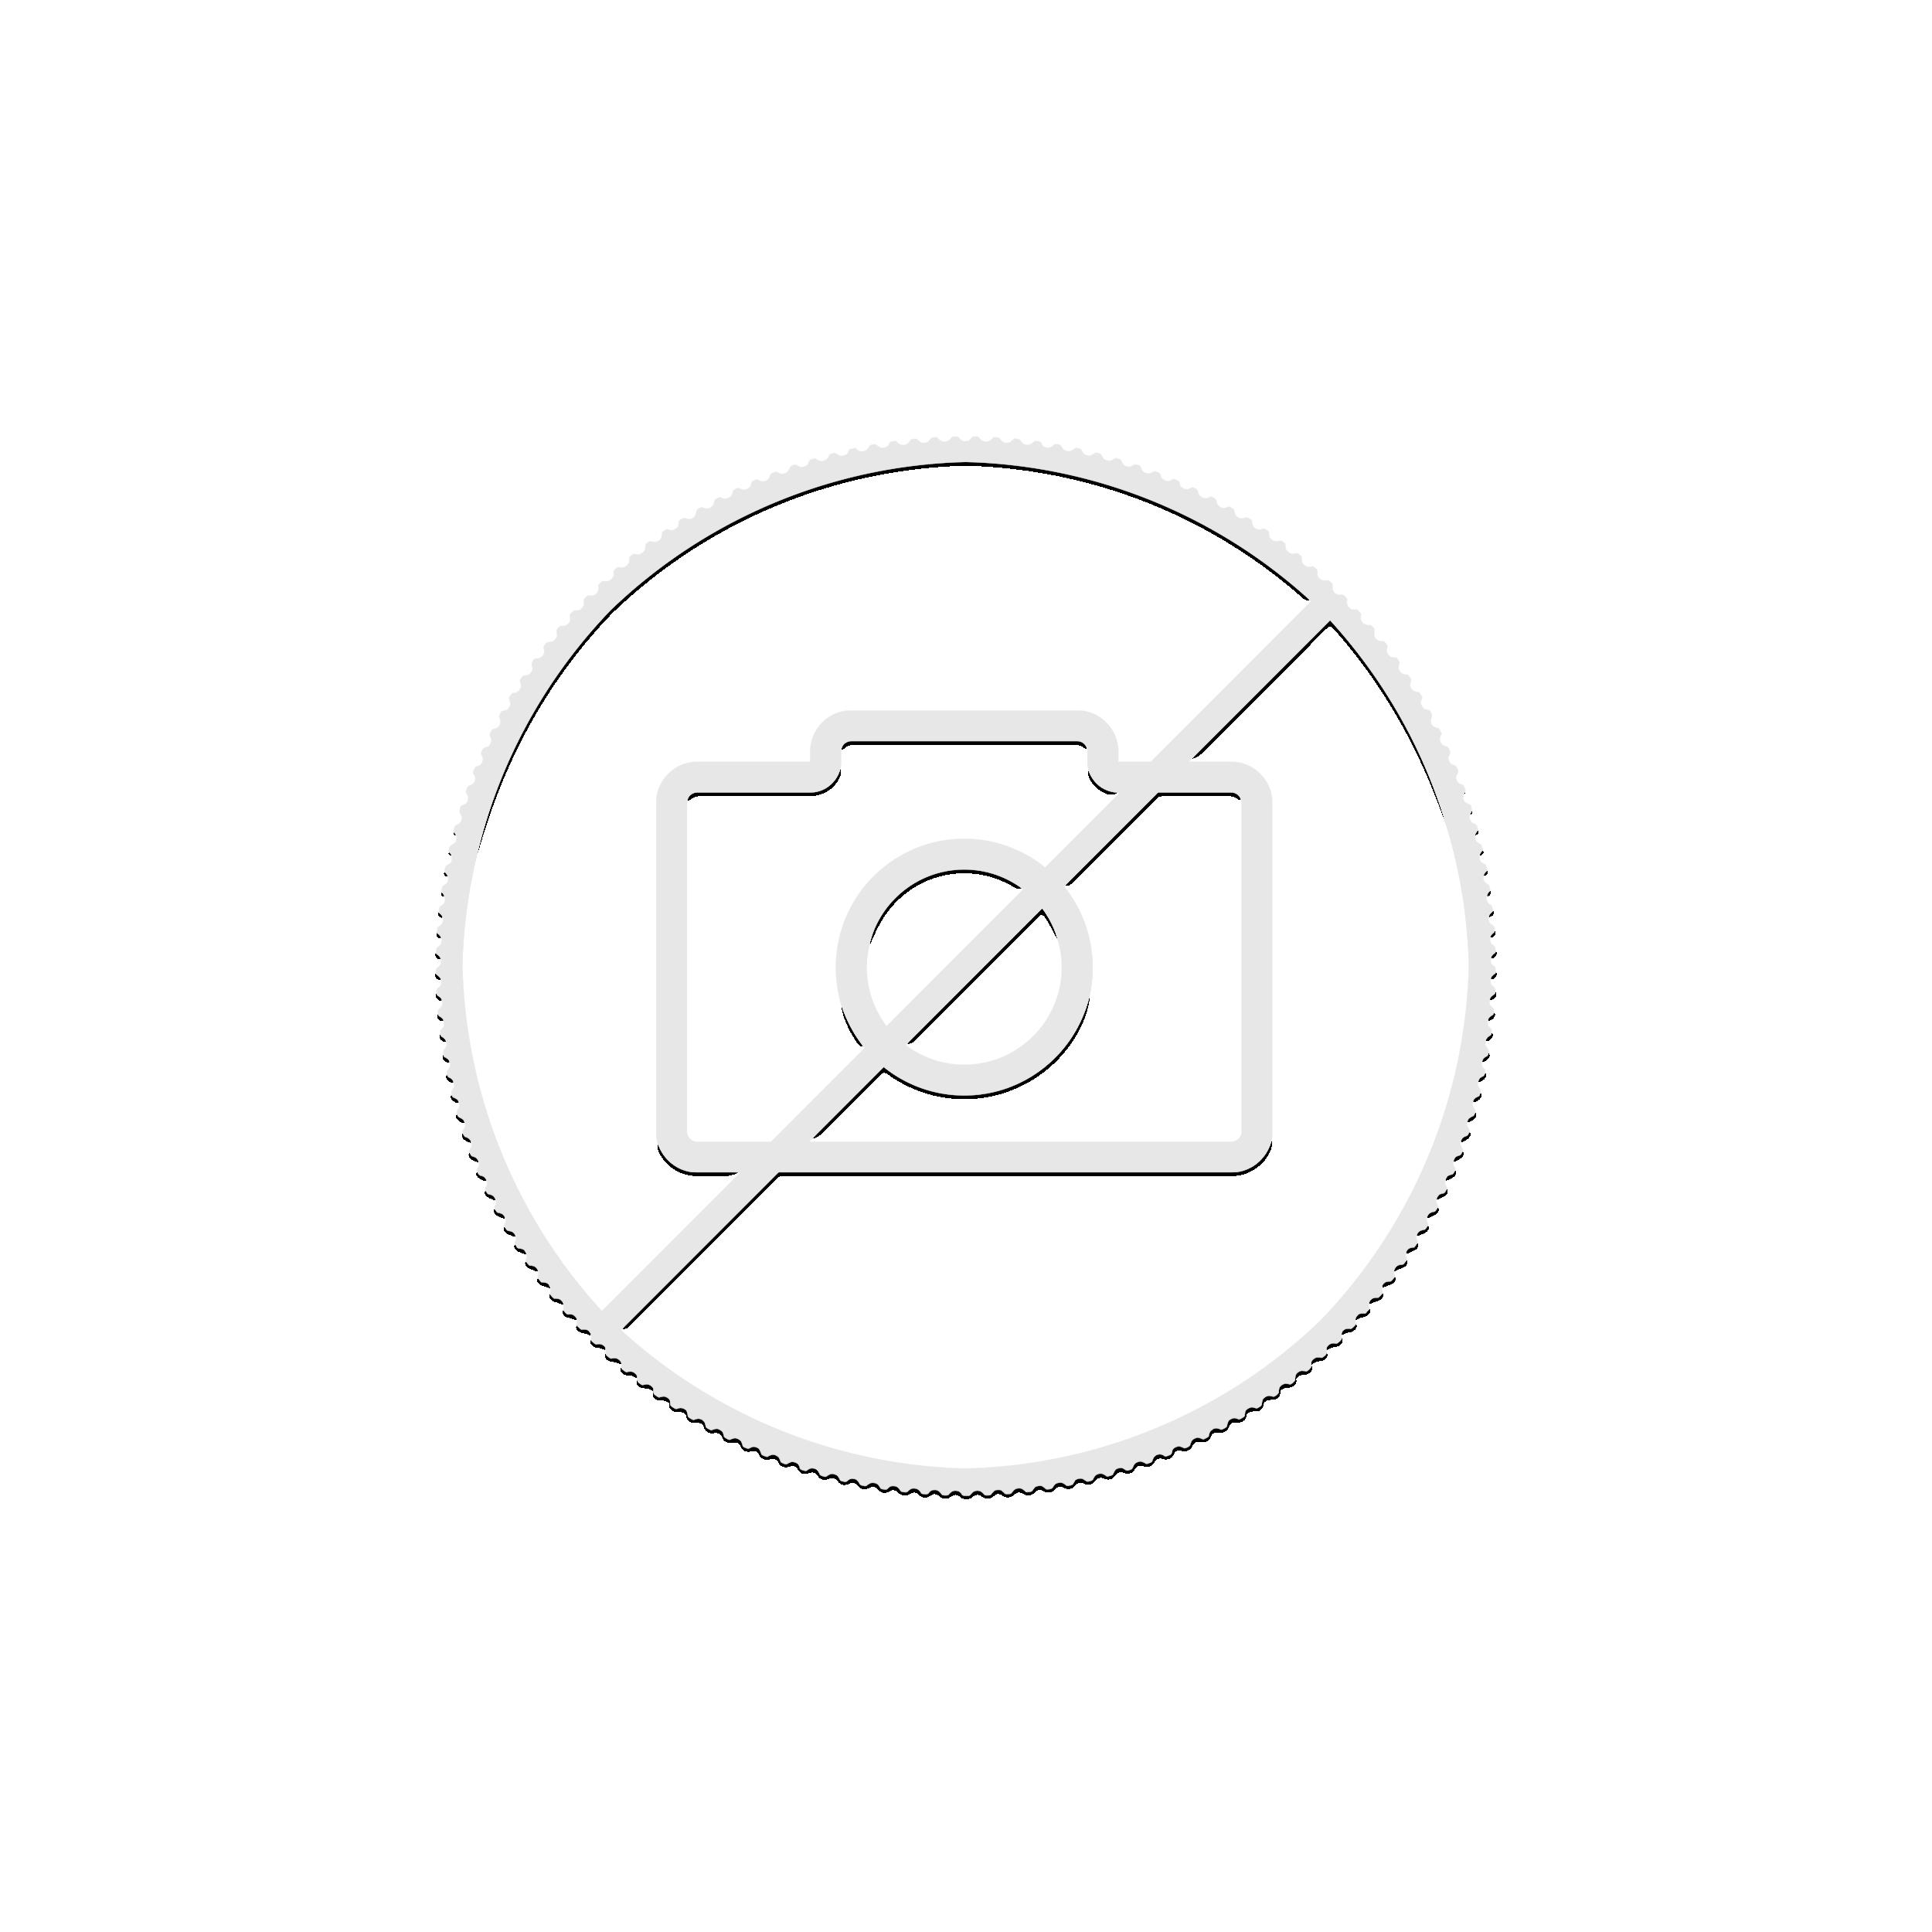 3x 1 Troy ounce zilveren munten Lunar jaar van de Os 2021